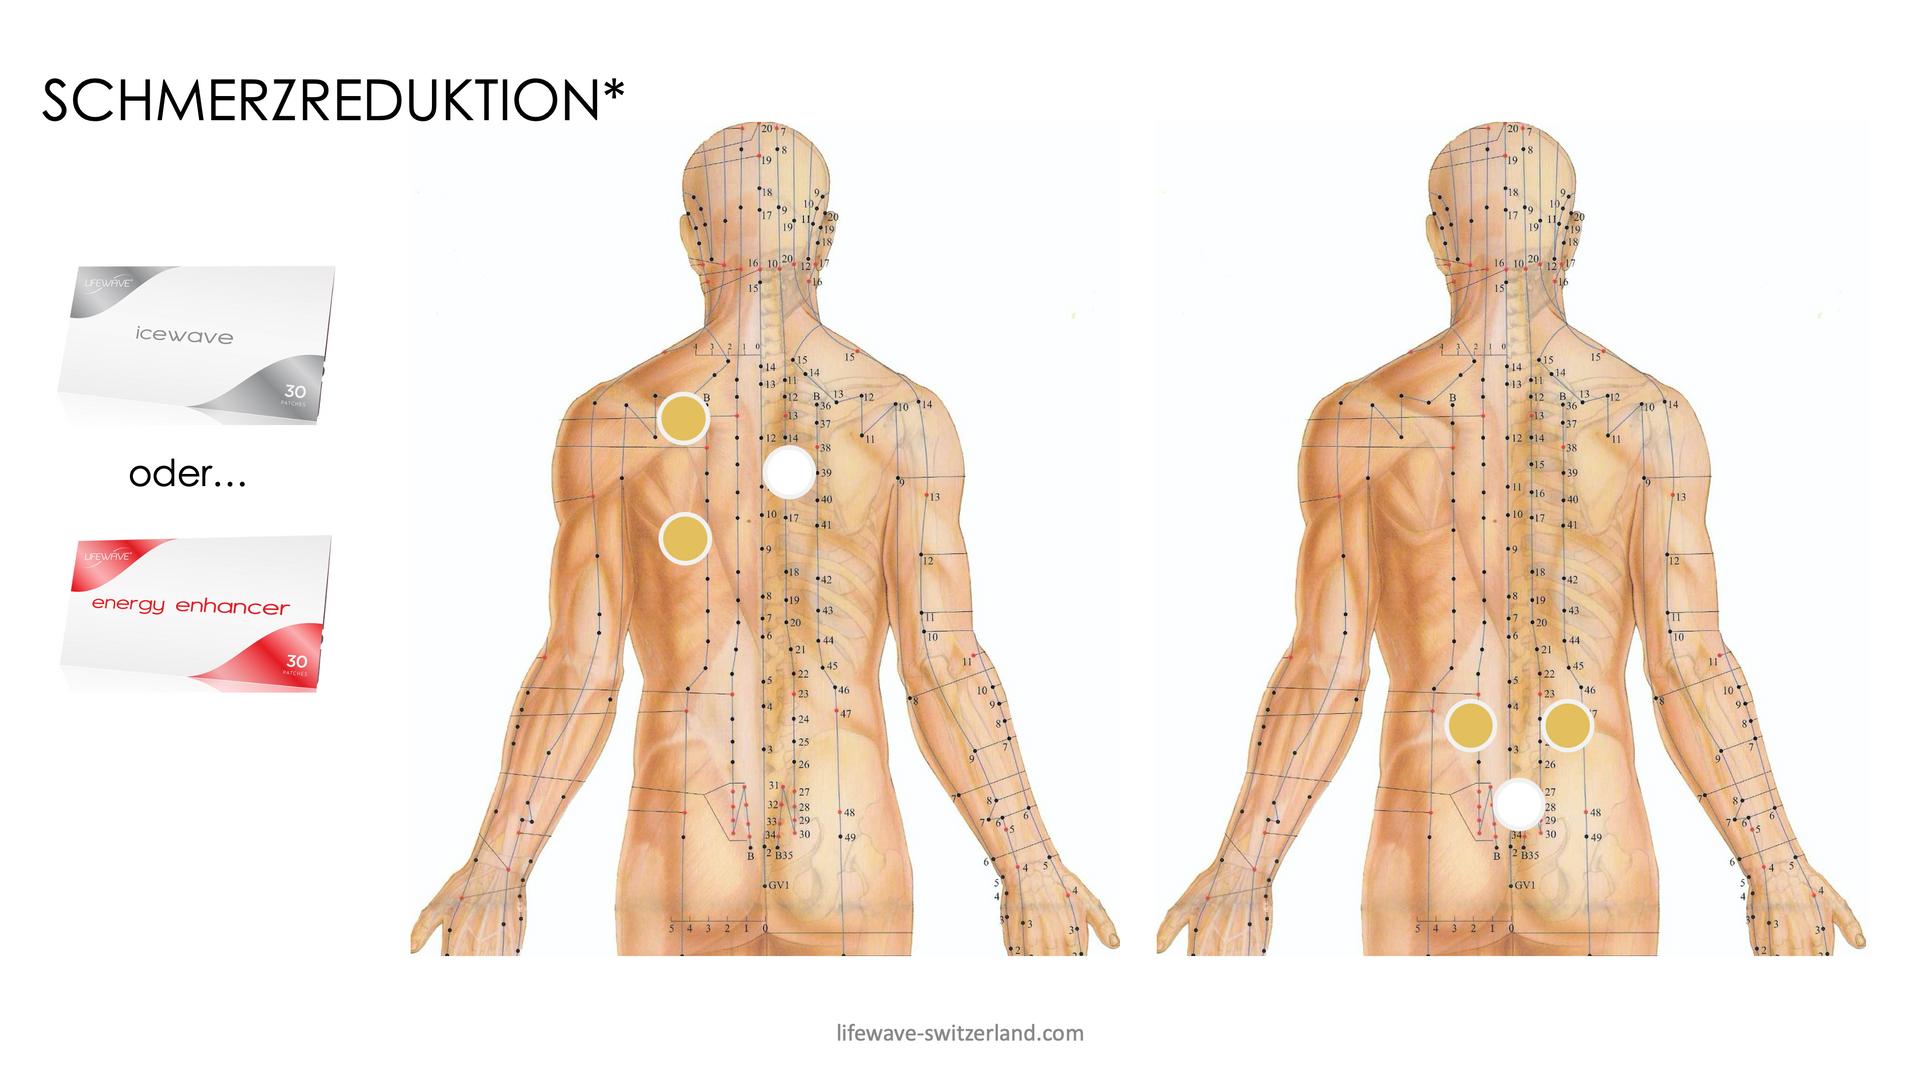 Schmerzreduktion Dreieck.png